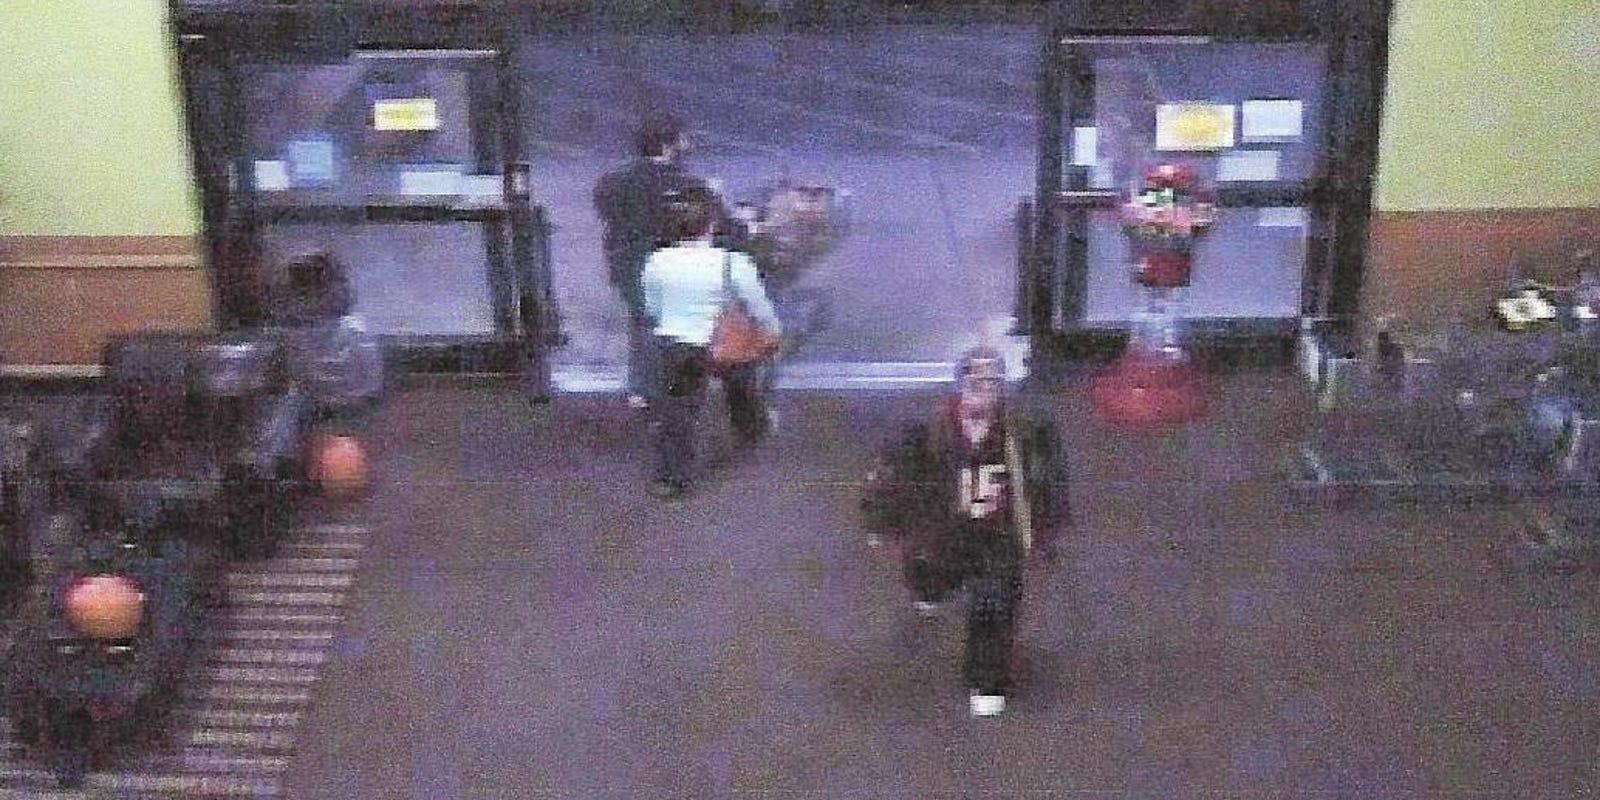 Man robbed at gunpoint in Kroger restroom